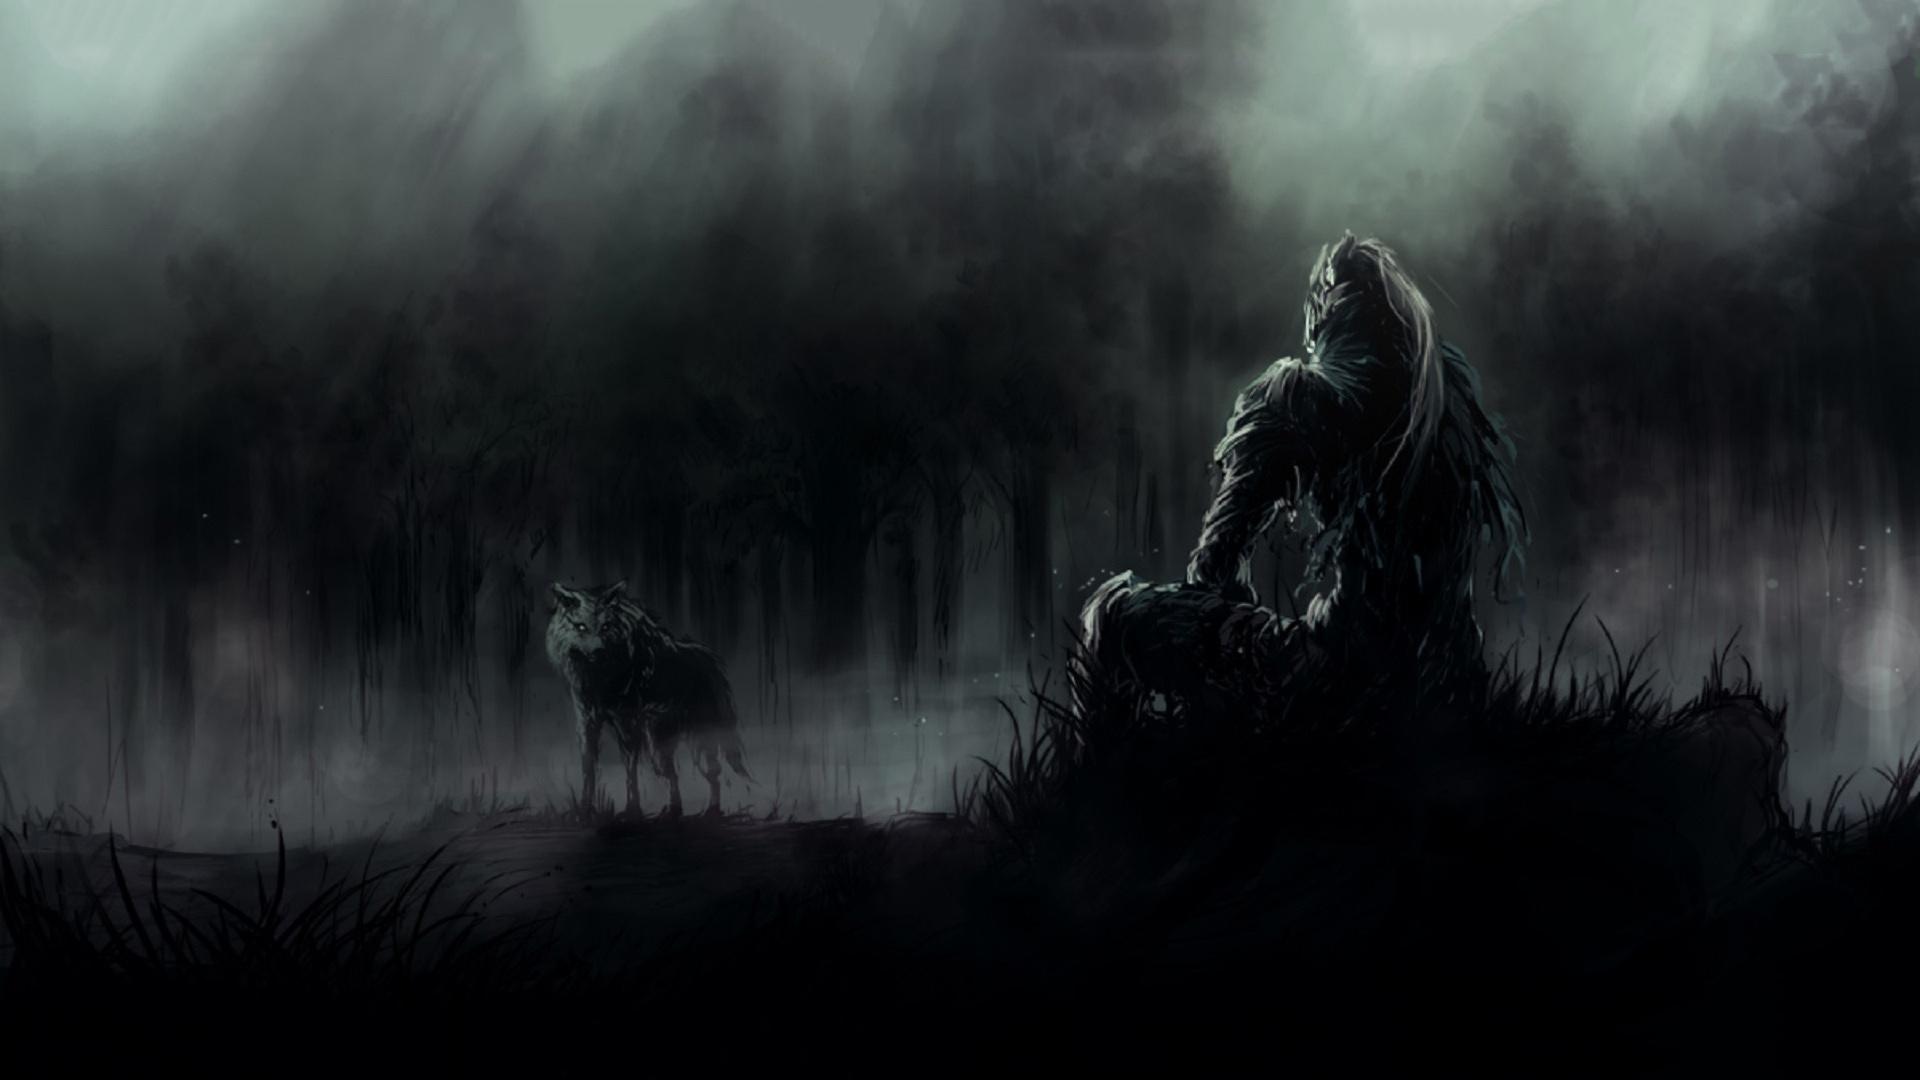 Dark Souls 3 Wolf HD Wallpaper 1920x1080